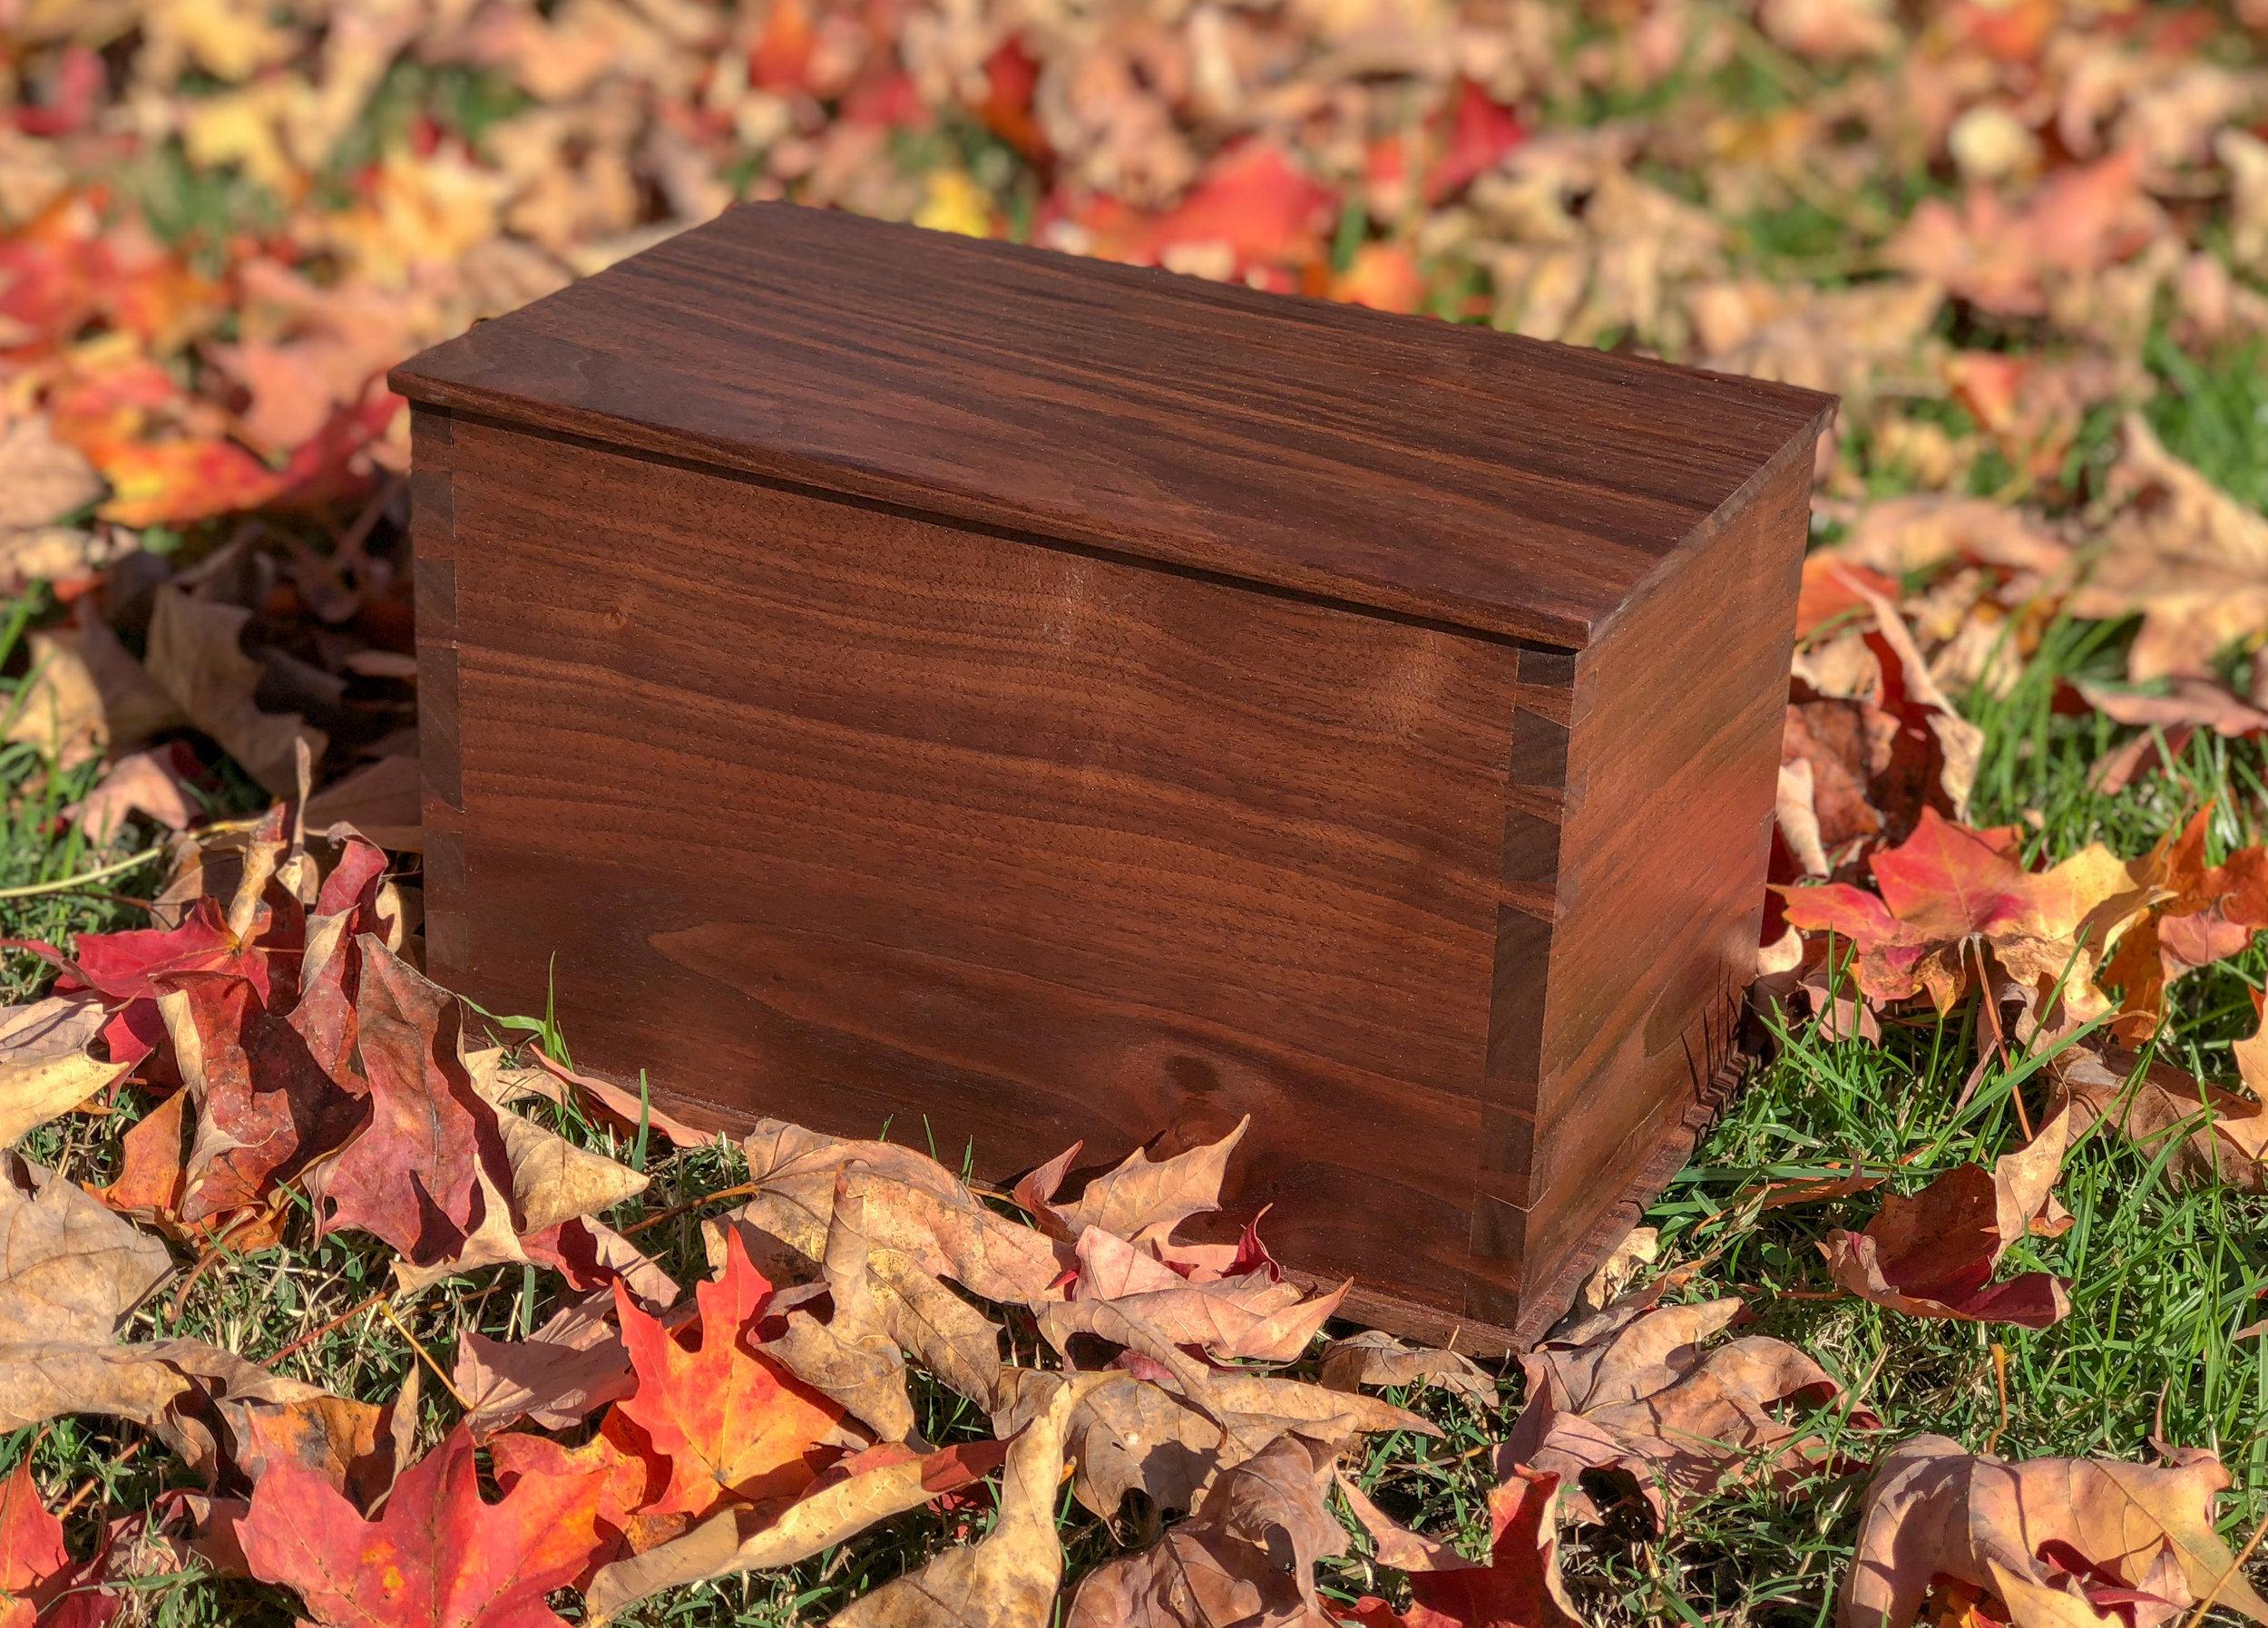 custom wooden cremation urn